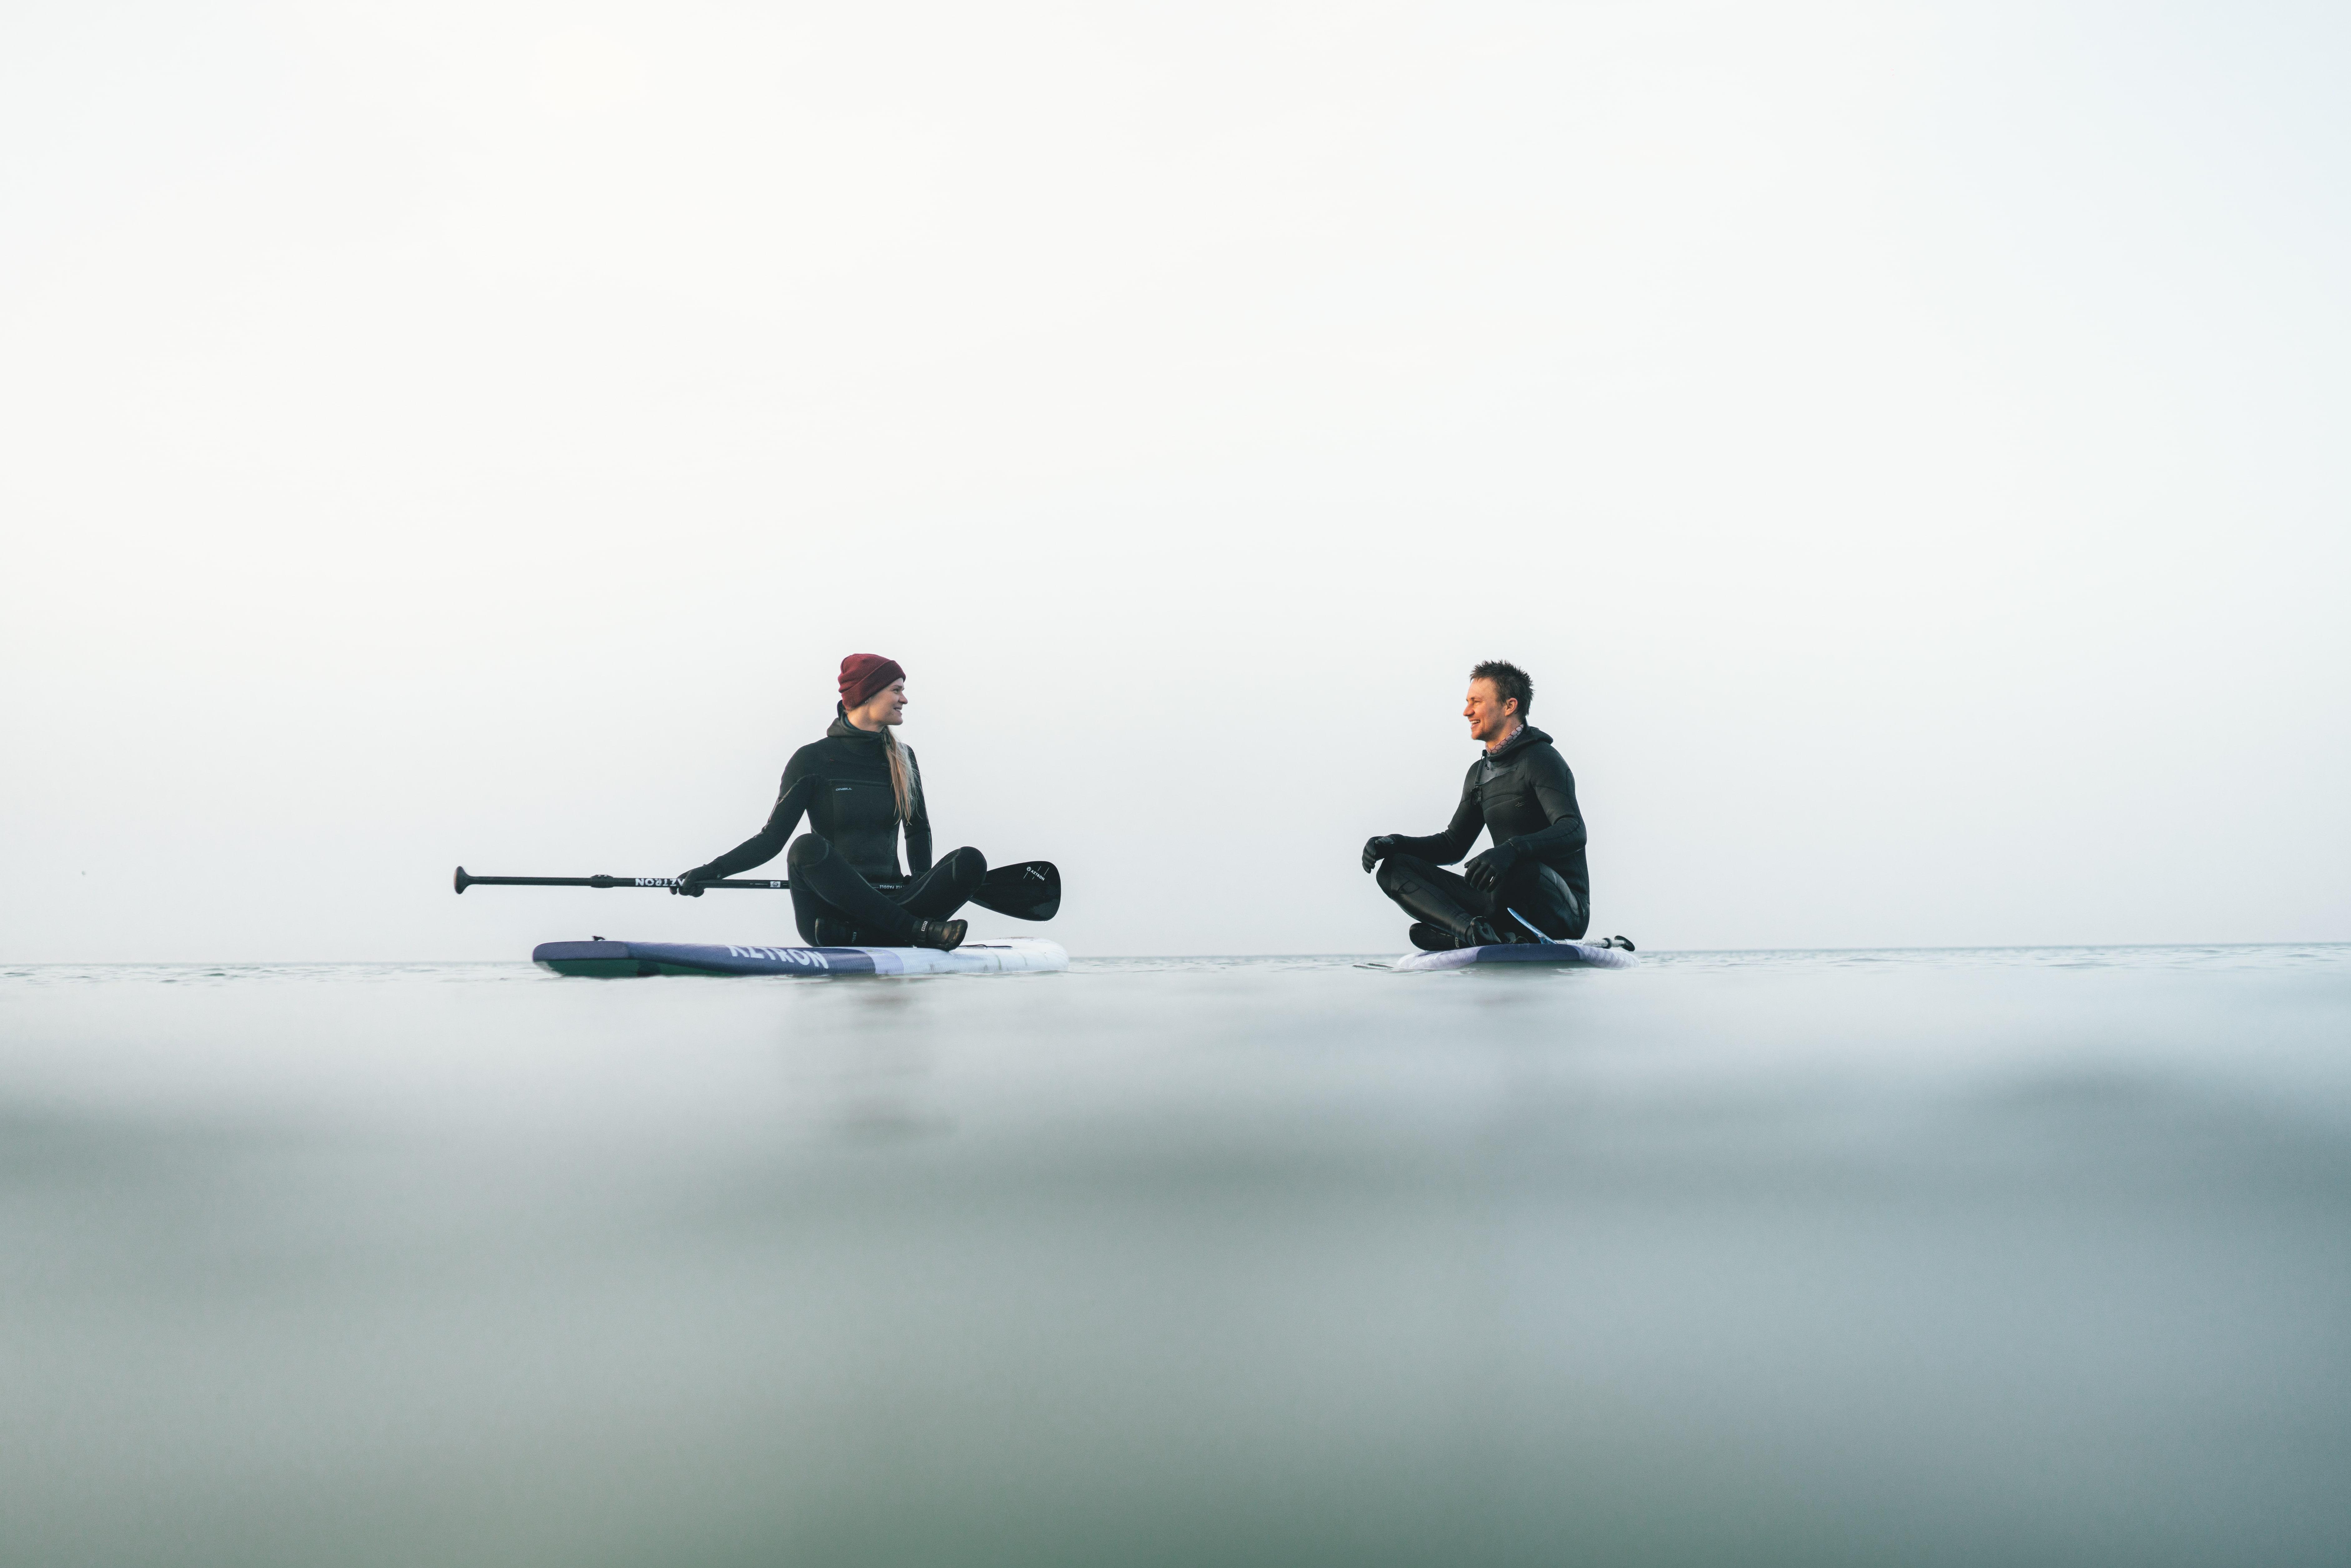 Kesia Caroline Cohan og Patrick Nicholas Cohan - Møn Surf - foto Mads Tolstrup/MontemAdventure.com